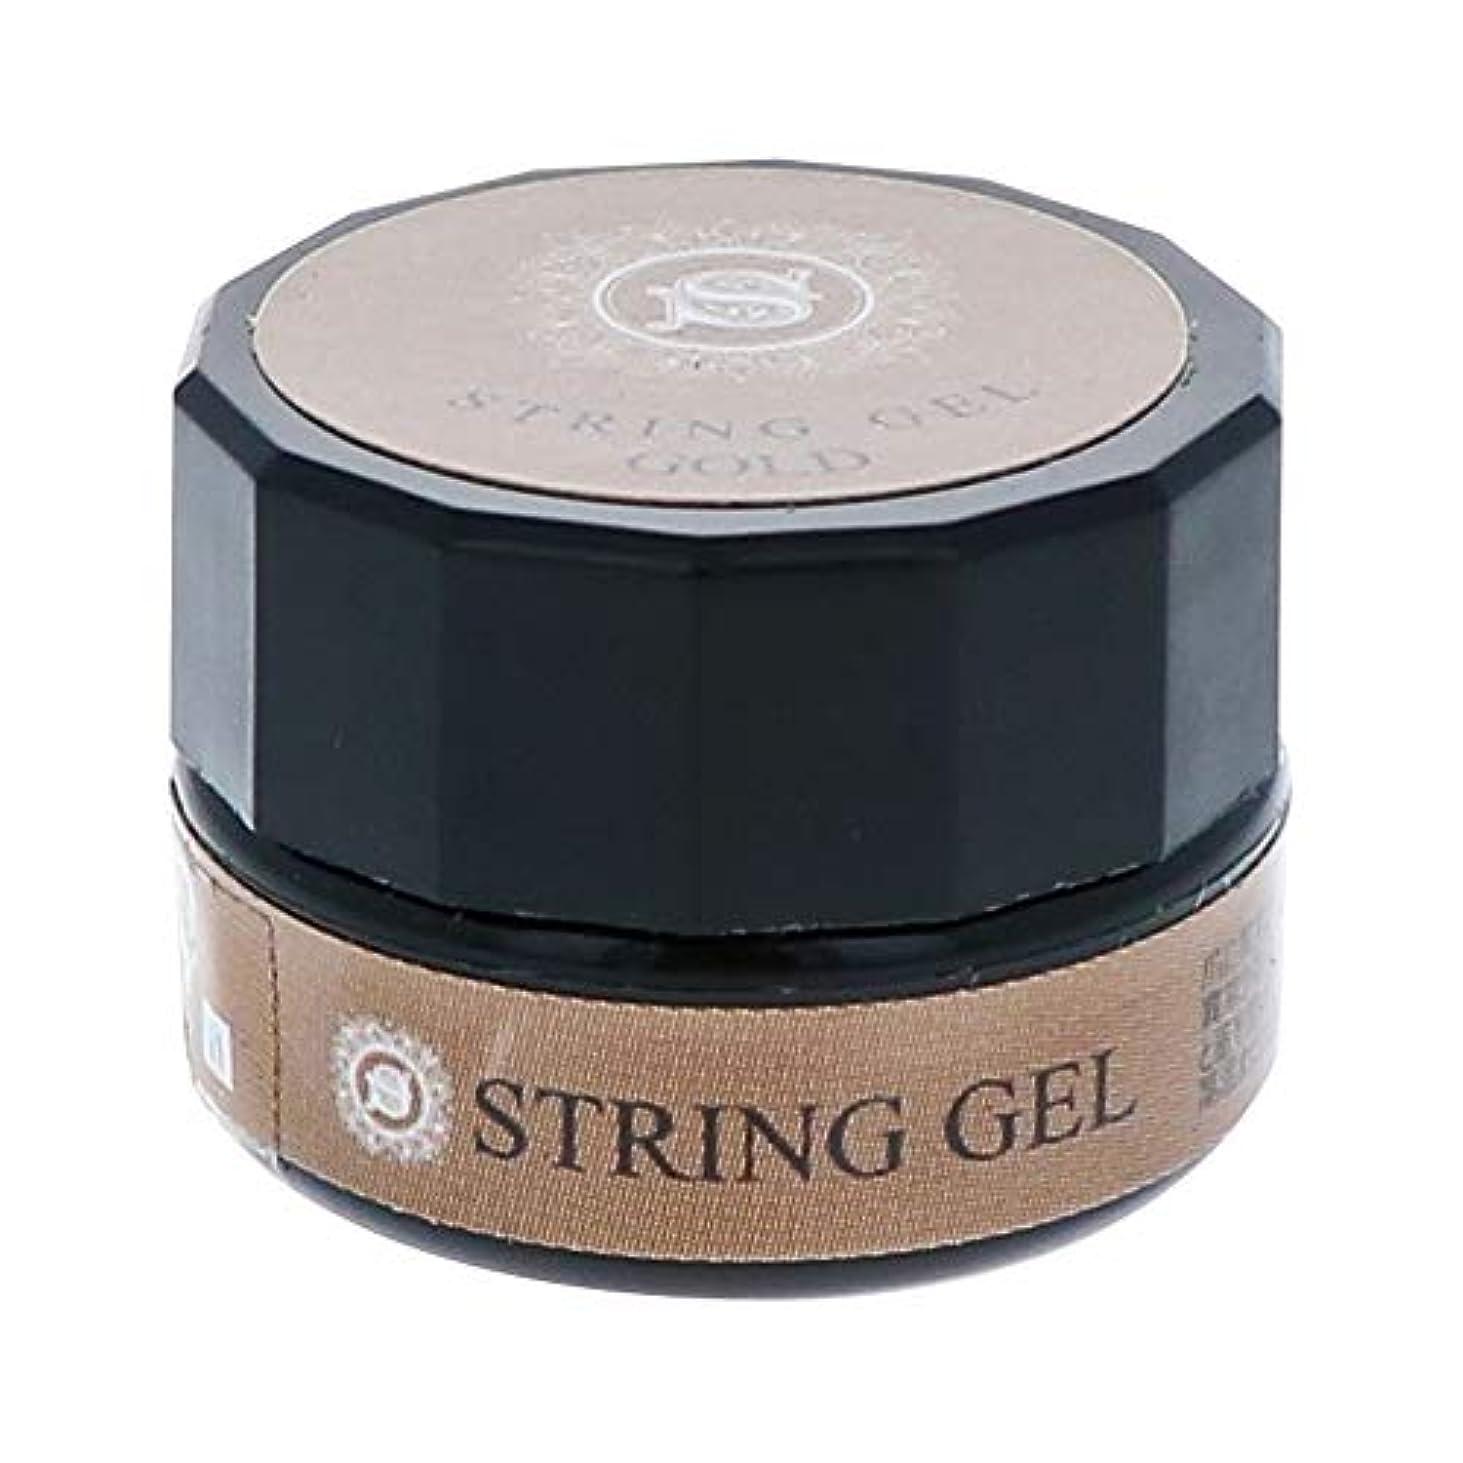 ラショナルやる些細ビューティーネイラー simply string gel (gold) 2.5g QSG-1 ジェルネイル